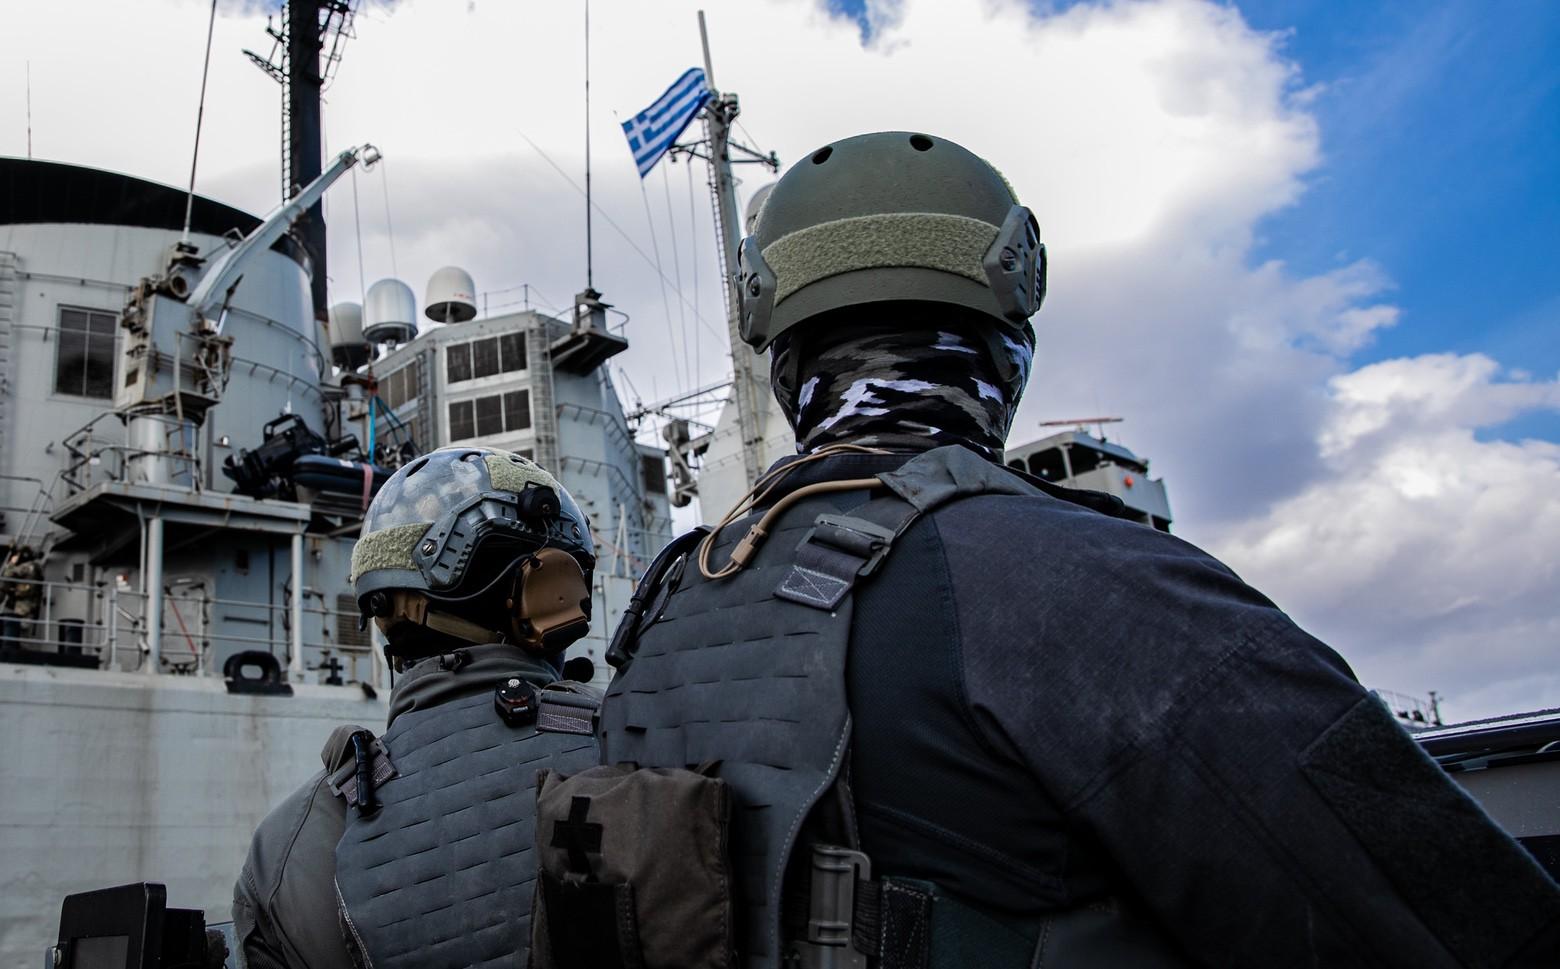 Διακρατική άσκηση Ελλάδας-Κύπρου–ΗΠΑ στη Σούδα από Δυνάμεις Ειδικών Επιχειρήσεων 25